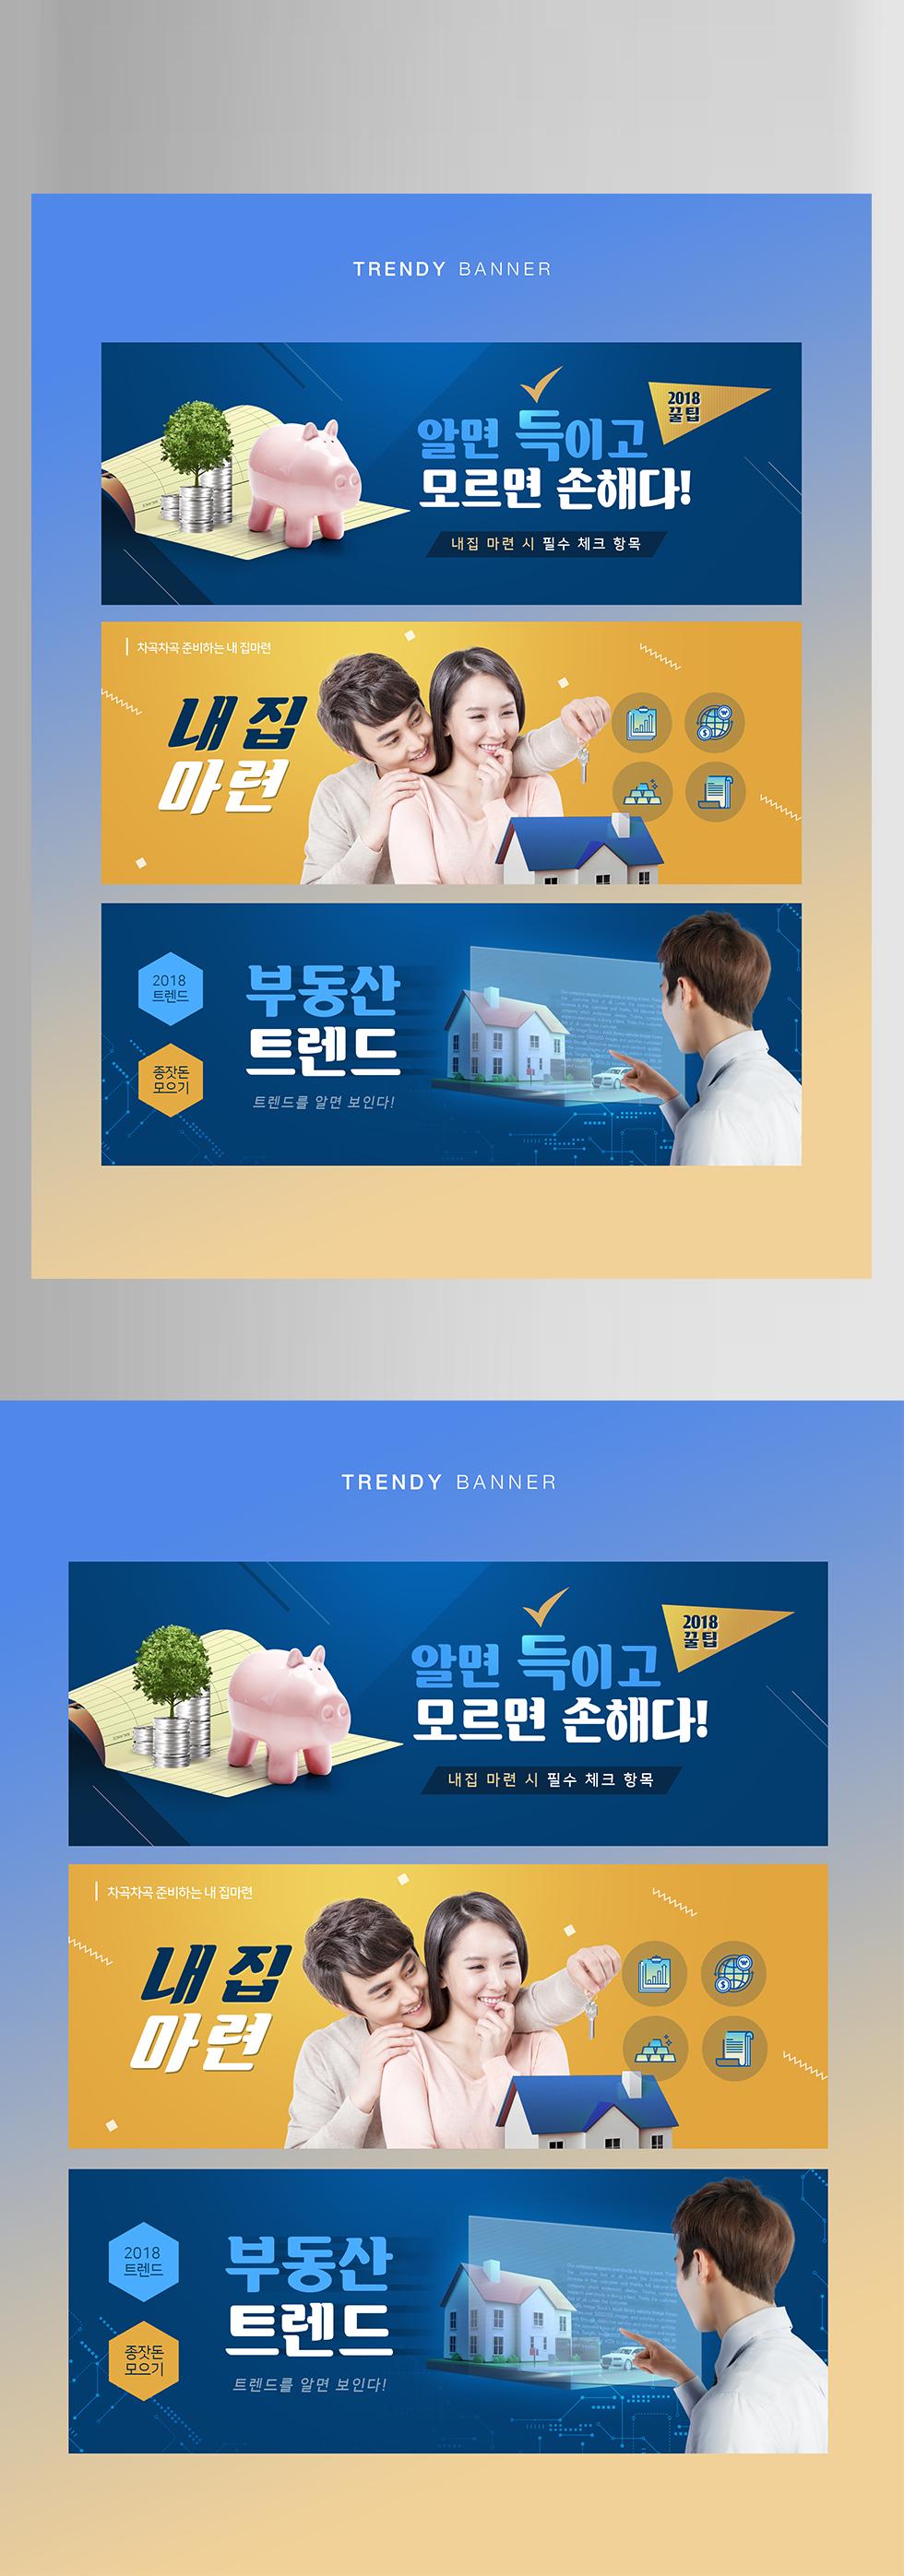 金融财务银行理财产品宣传广告图banner海报PSD设计素材模板(5)